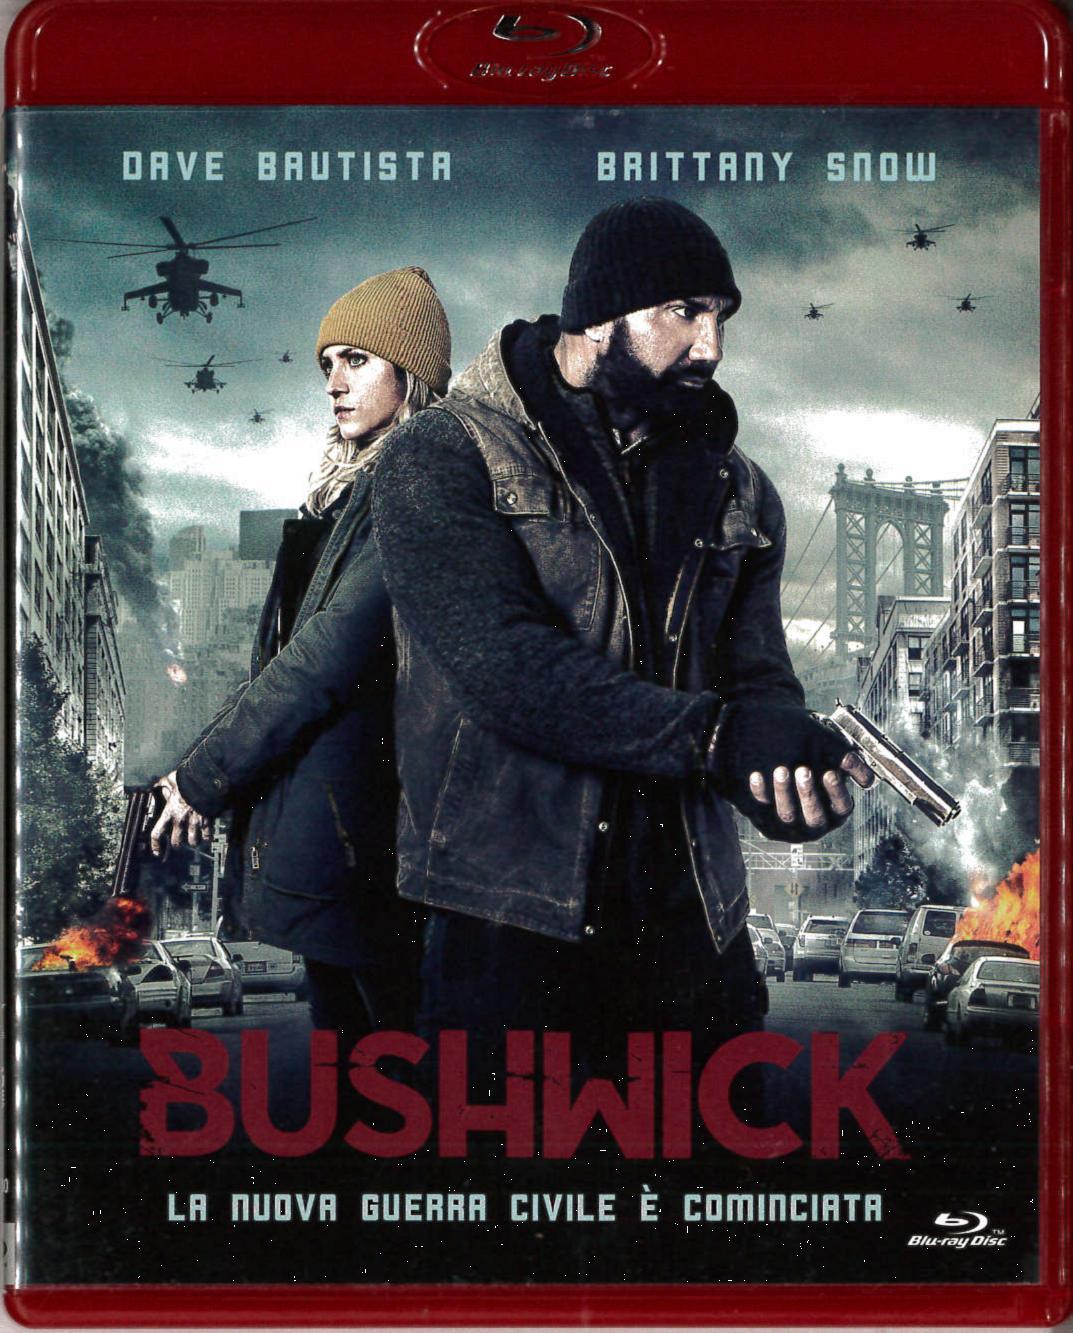 BUSHWICK - BLU RAY